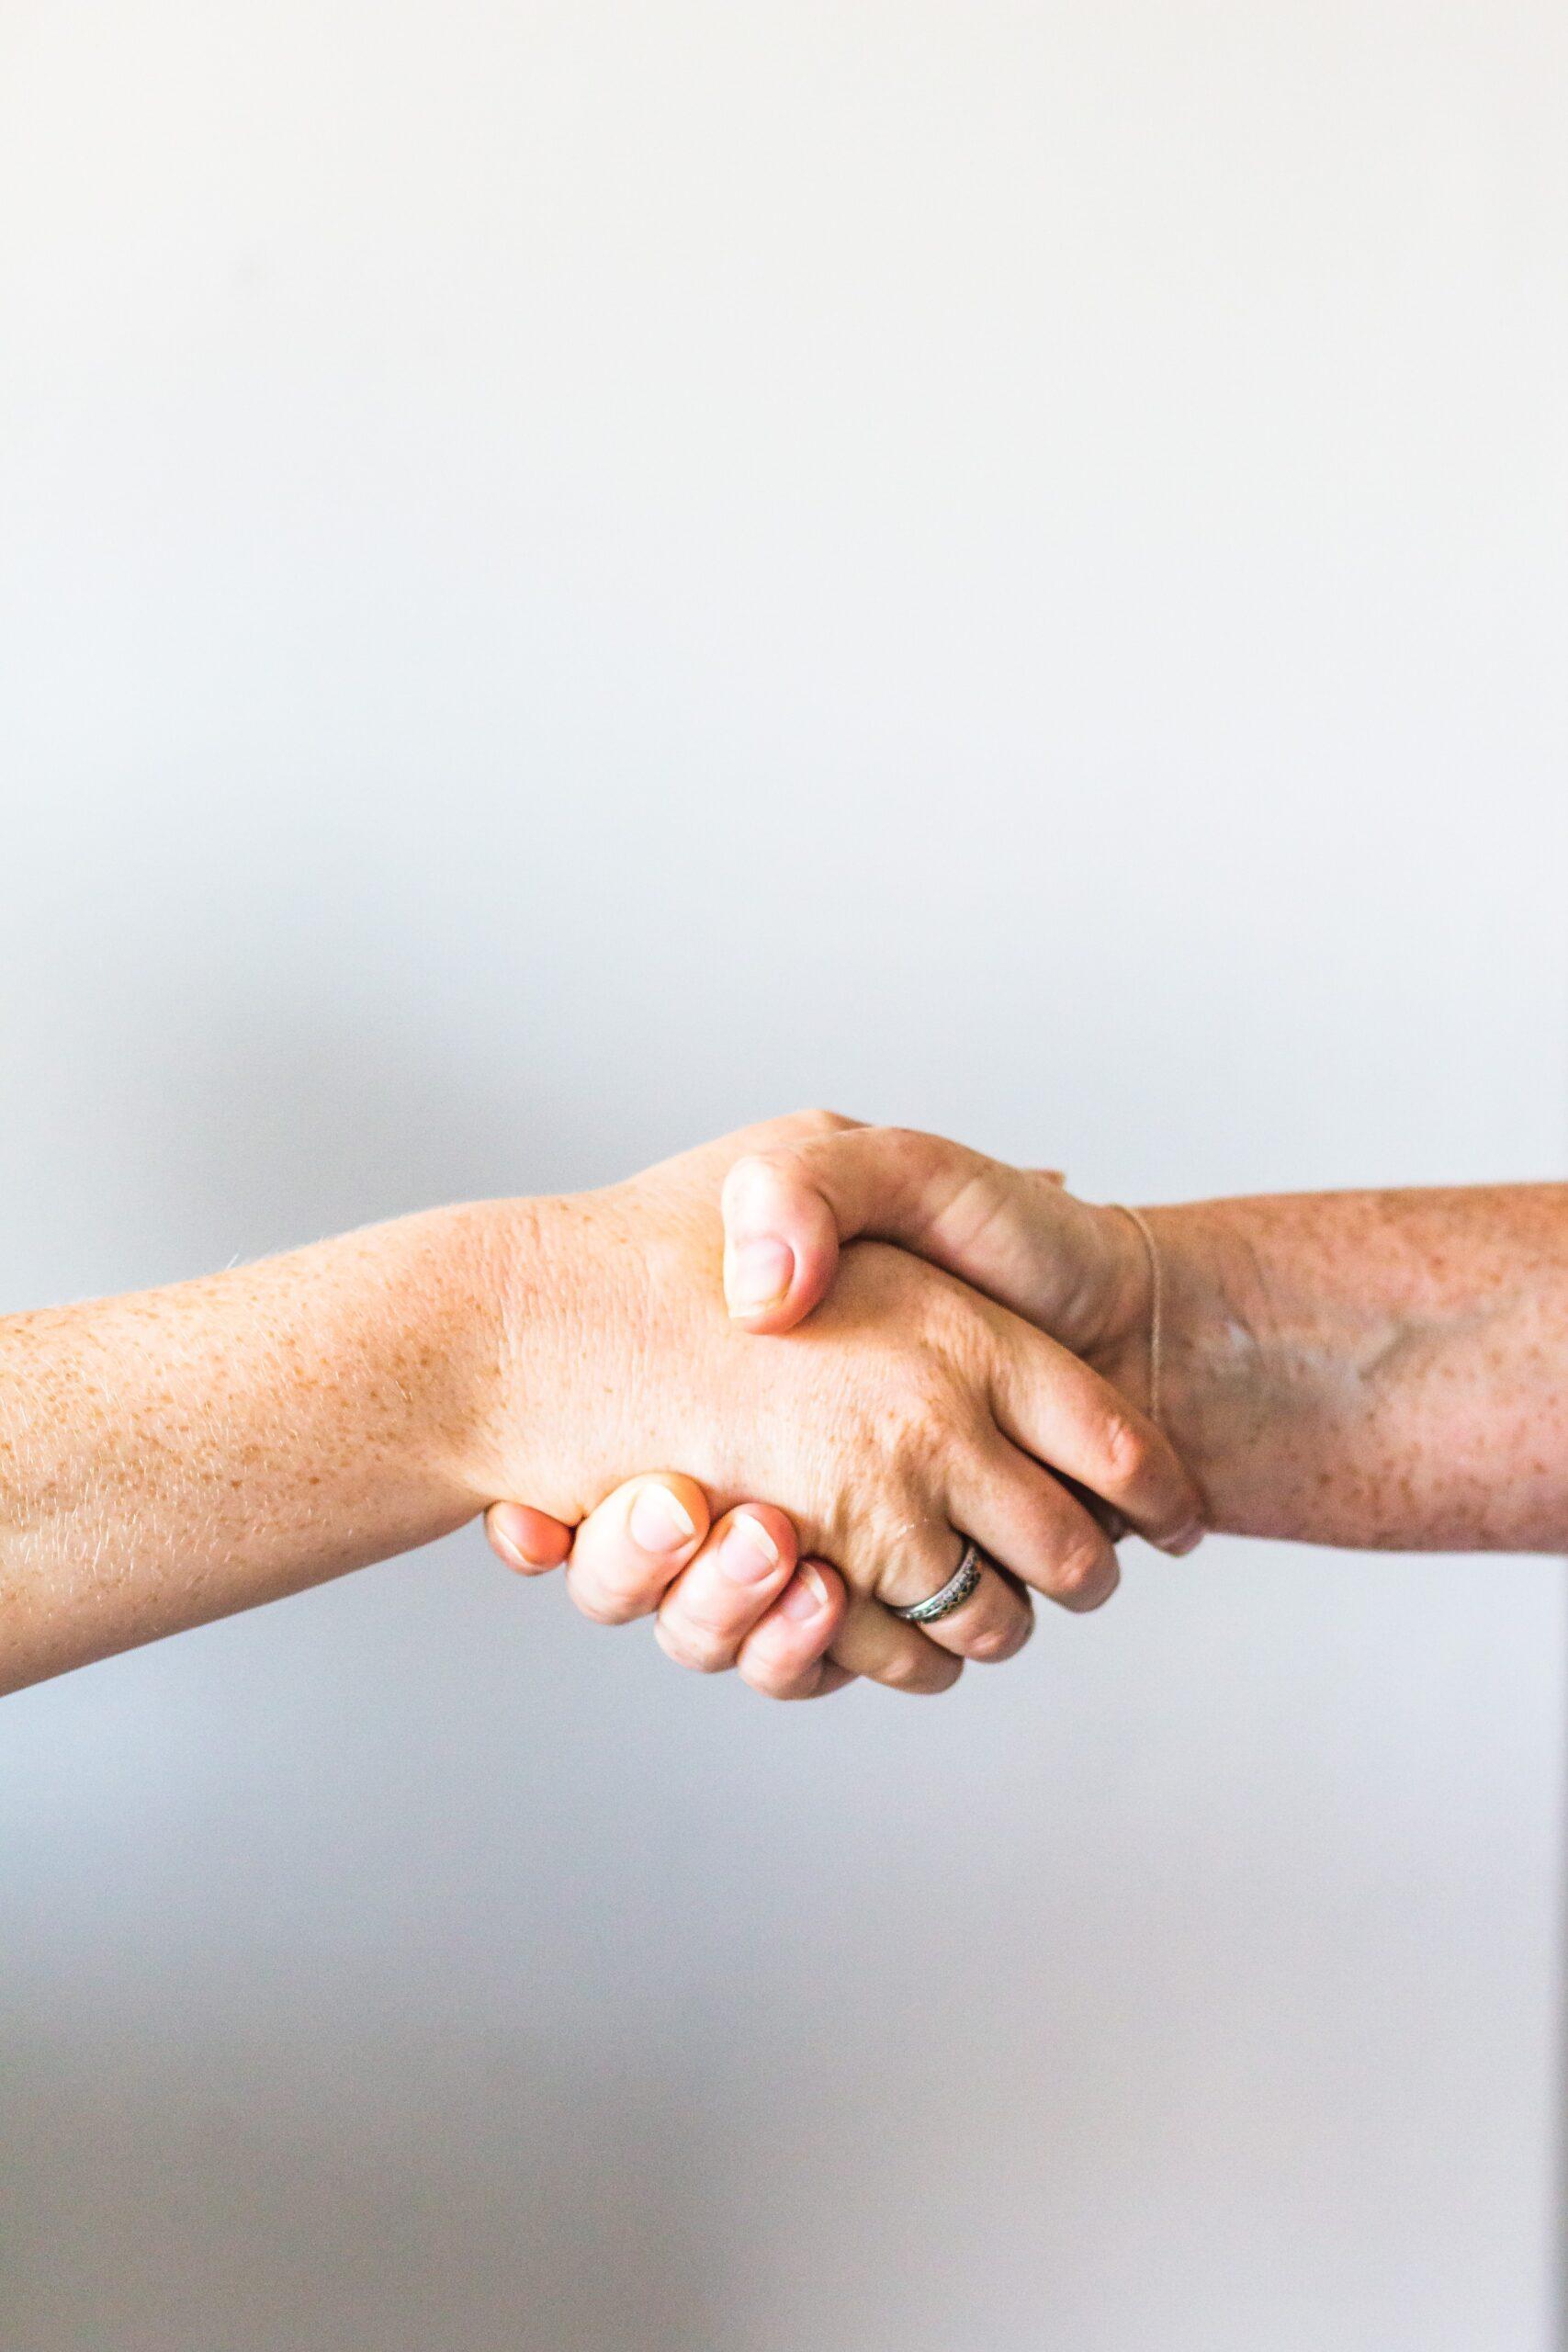 hand shake between 2 people - decluttering your home